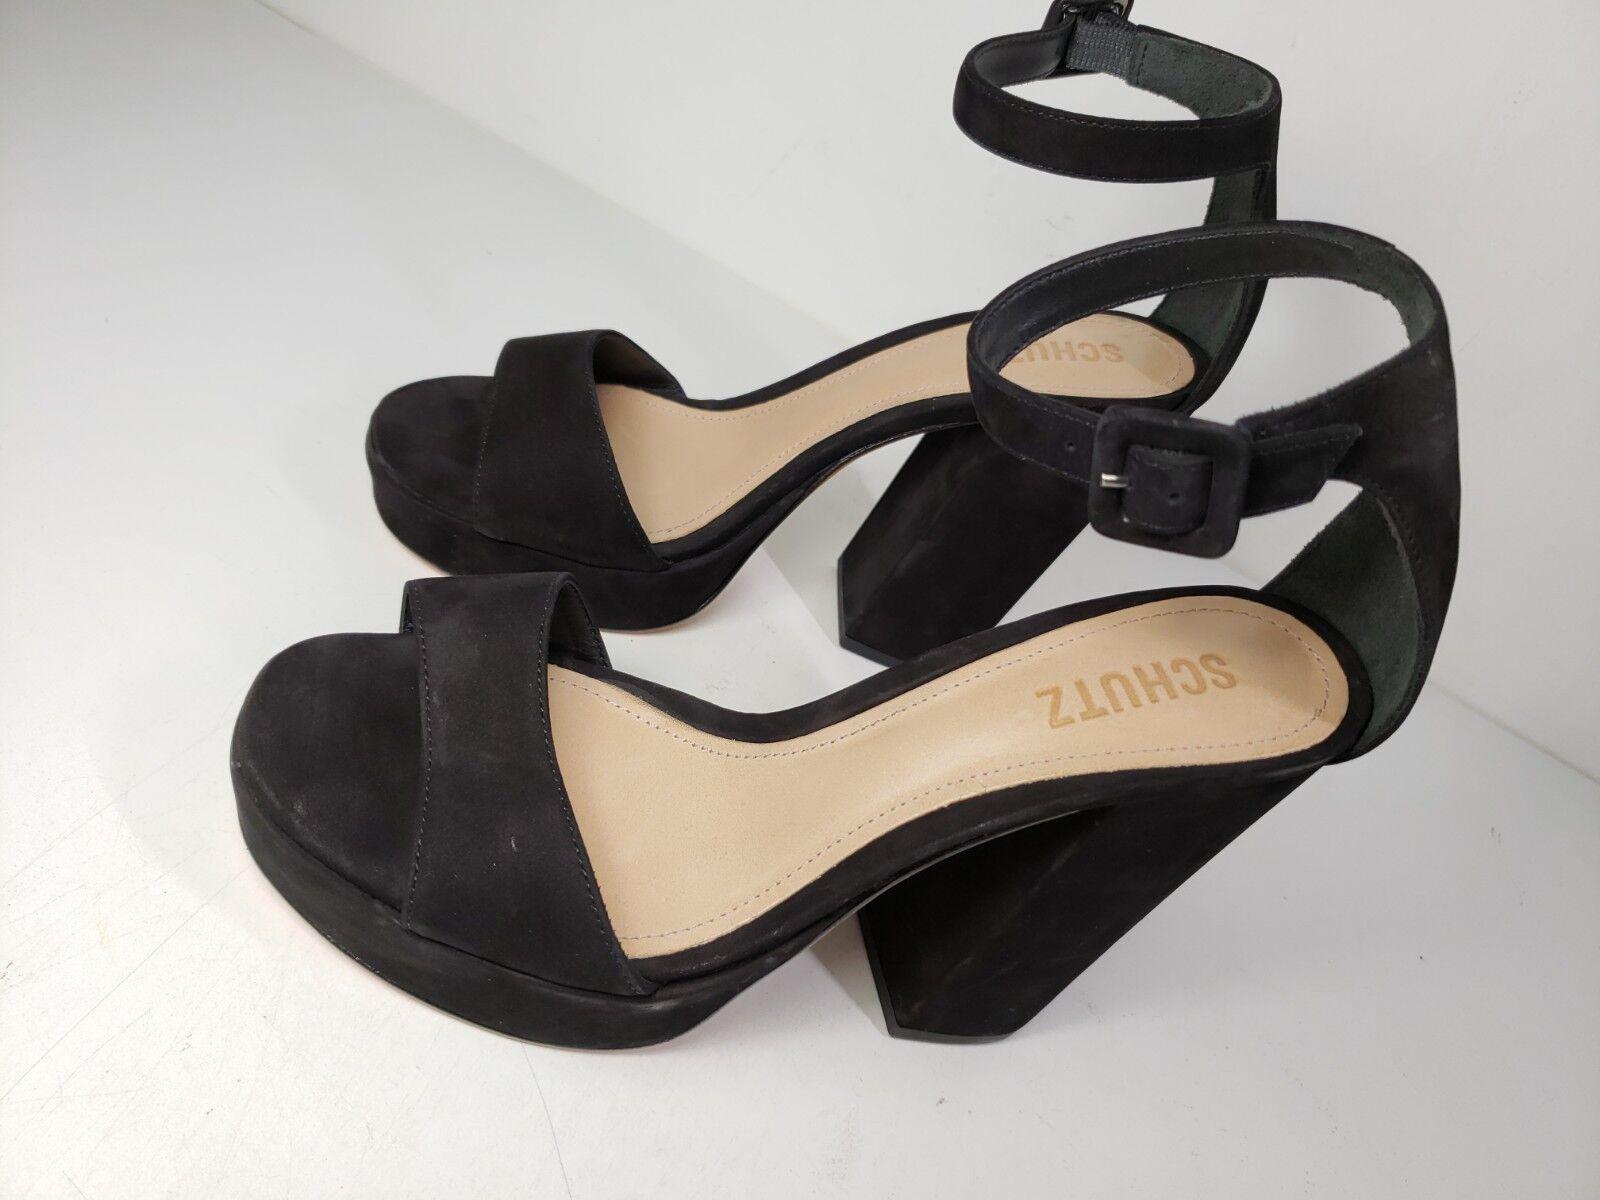 198 198 198 Dimensione 9 SCHUTZ Mikella nero Leather Heel Platform Ankle Strap donna Sandals e84653